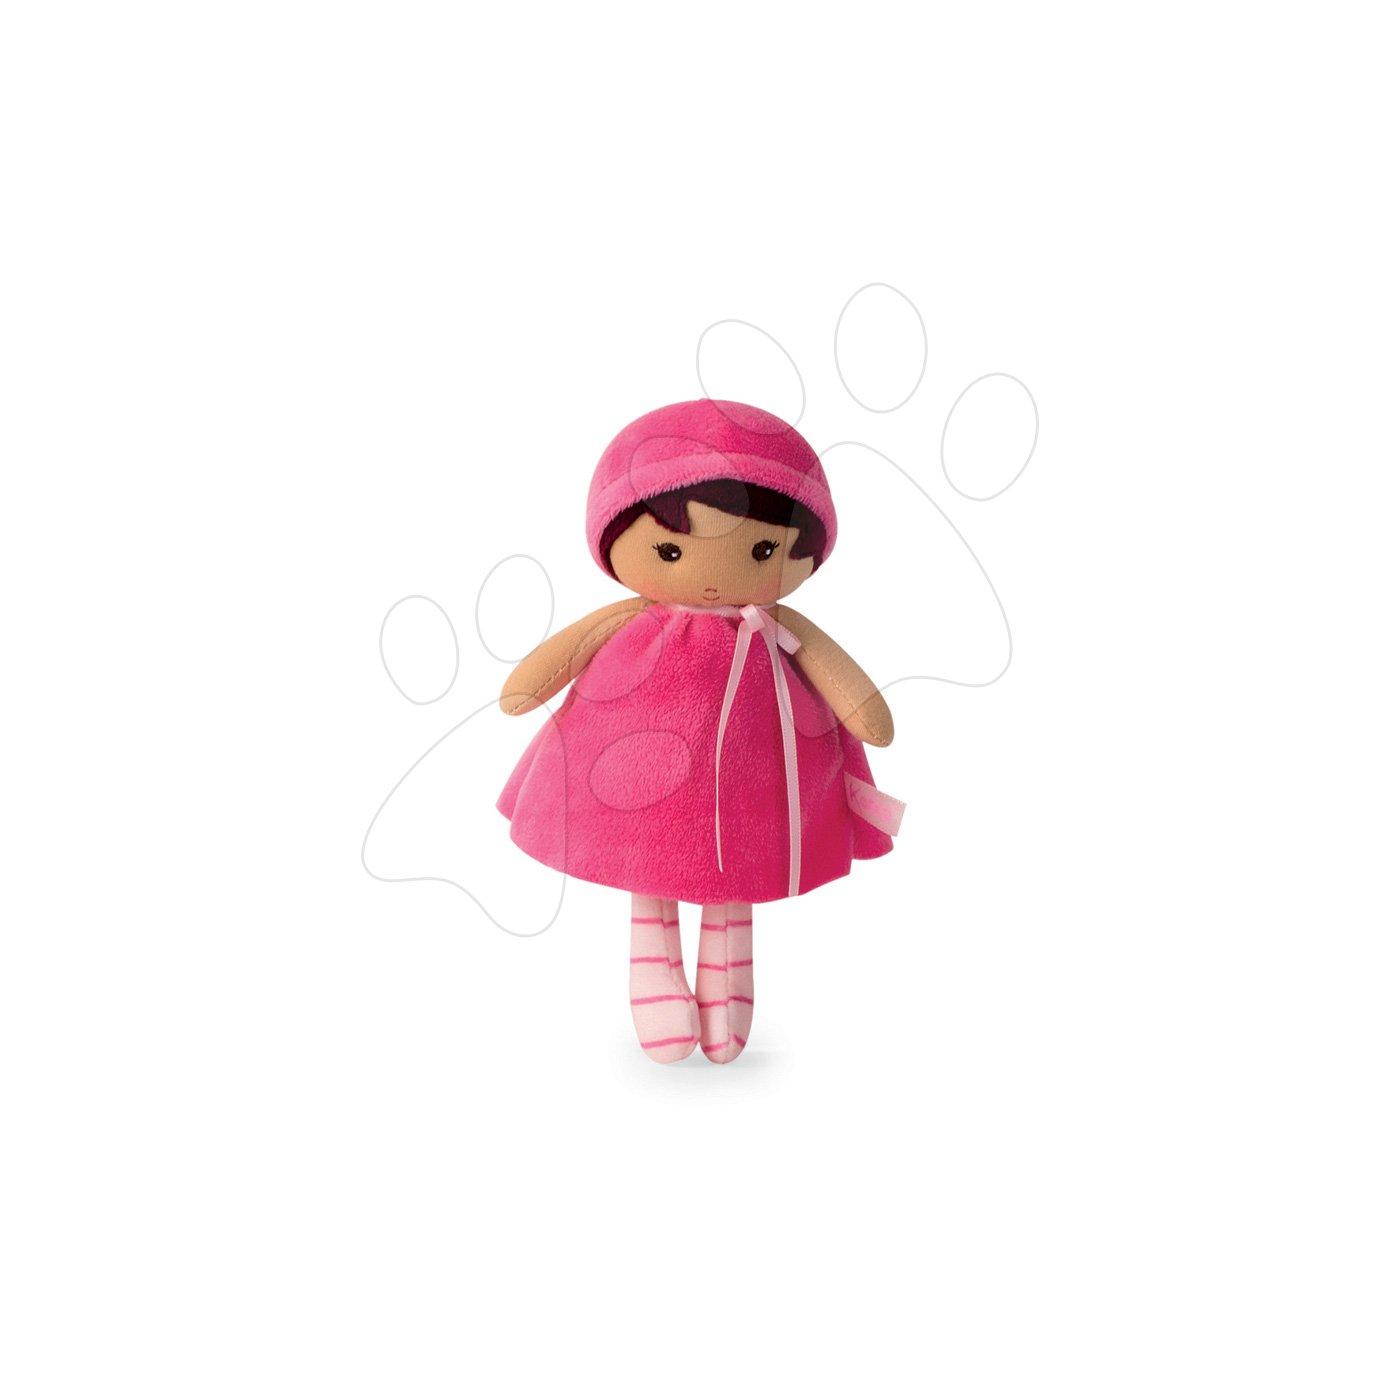 Kaloo bábika pre bábätká Emma K Tendresse 18 cm v ružových šatách z jemného textilu v darčekovom balení 962096